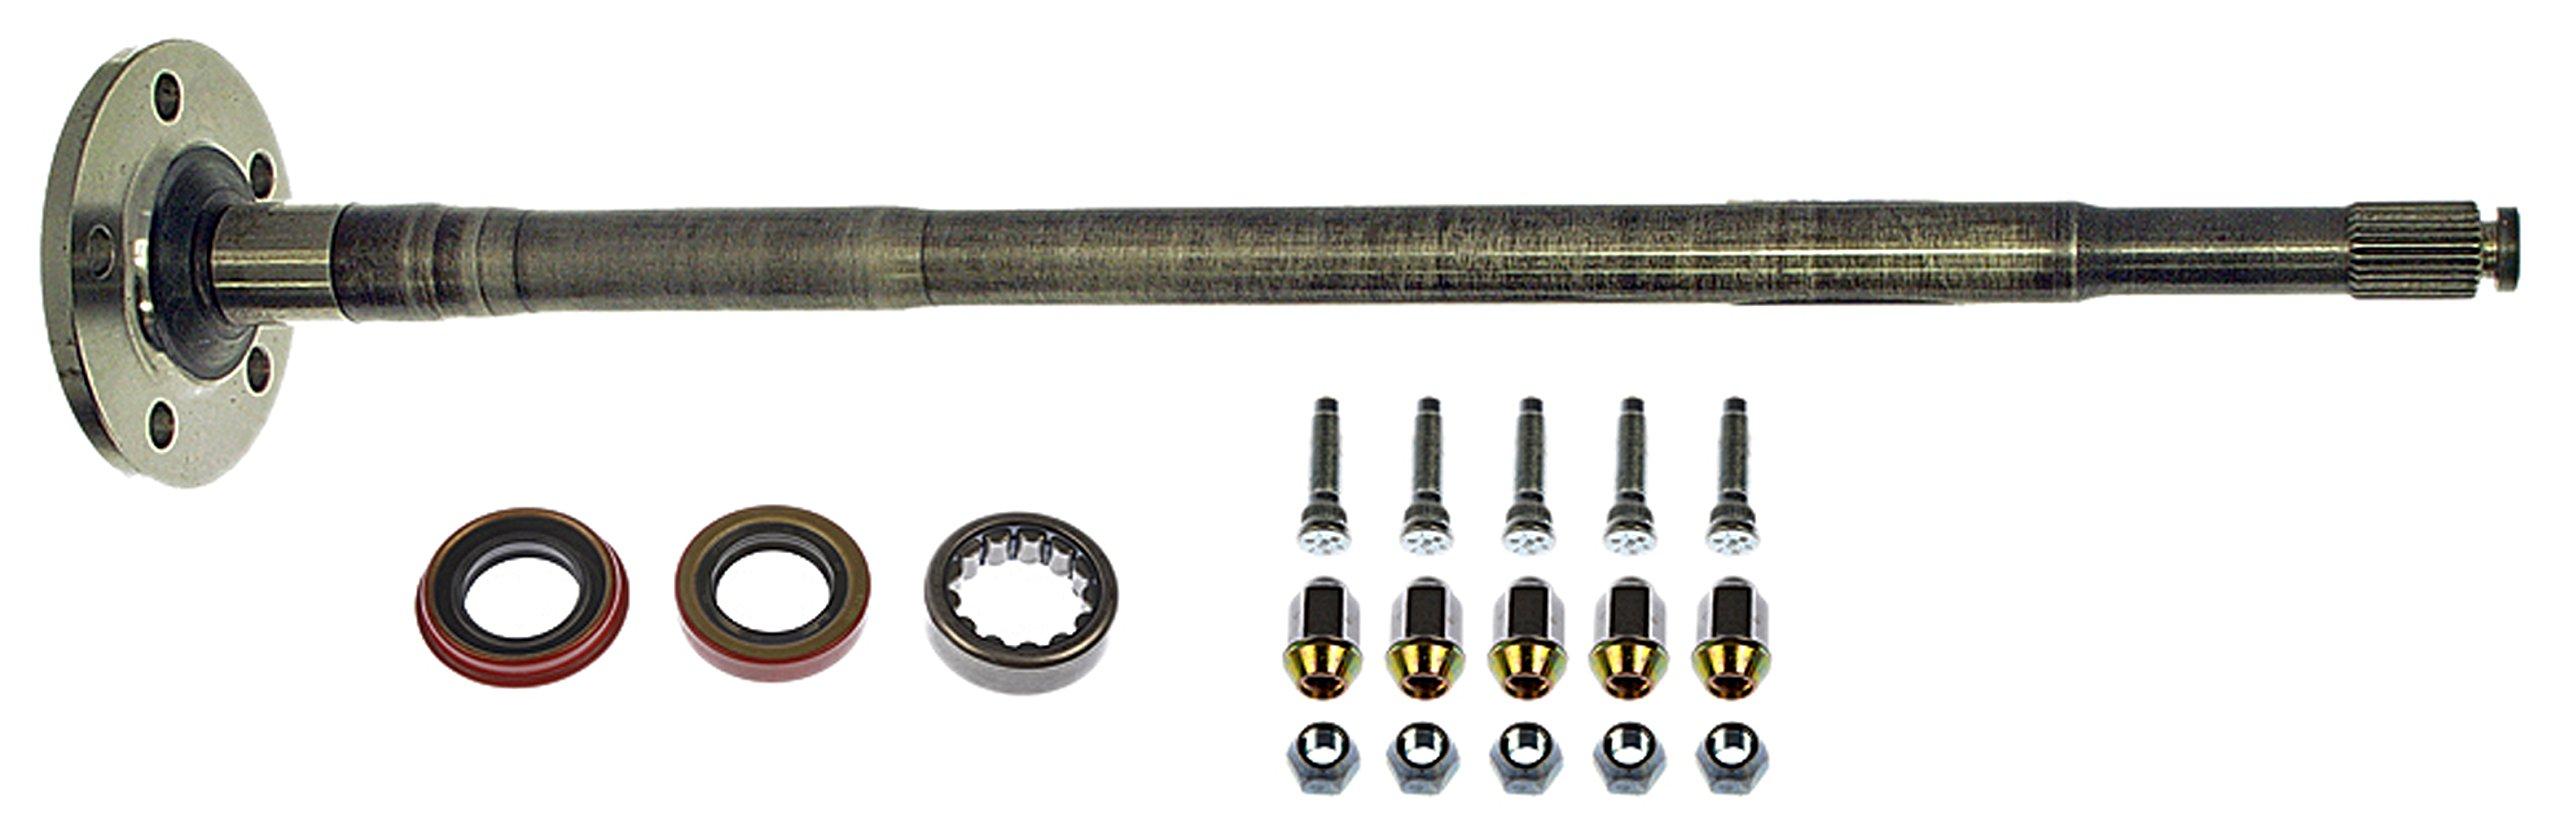 Dorman 630-154 Rear Axle Shaft